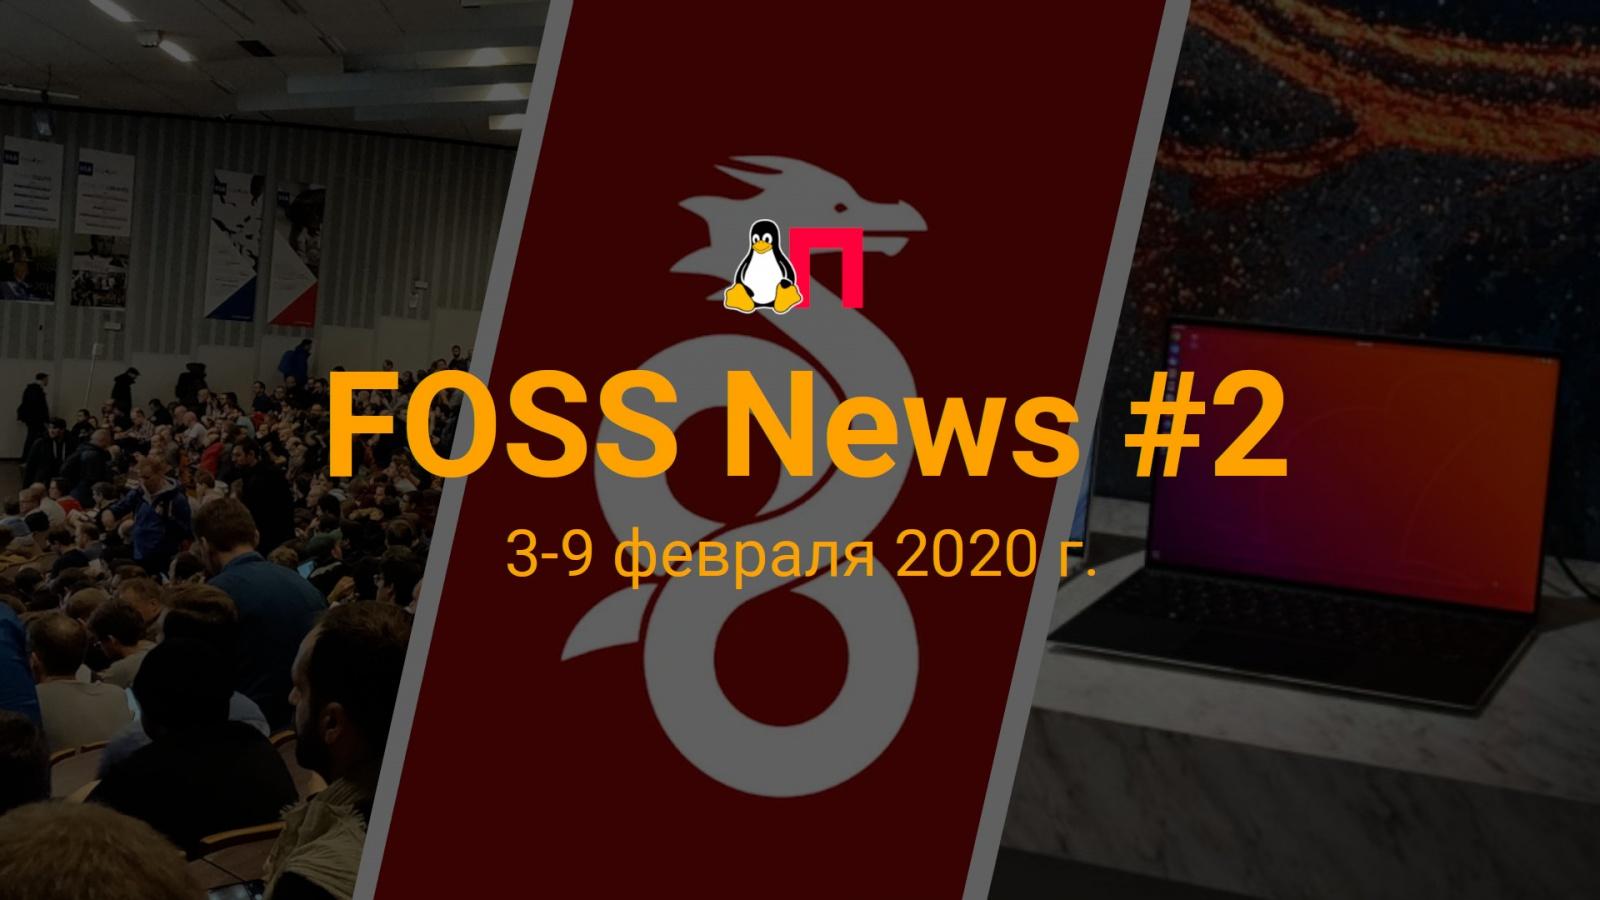 FOSS News №2 — обзор новостей свободного и открытого ПО за 3-9 февраля 2020 года - 1